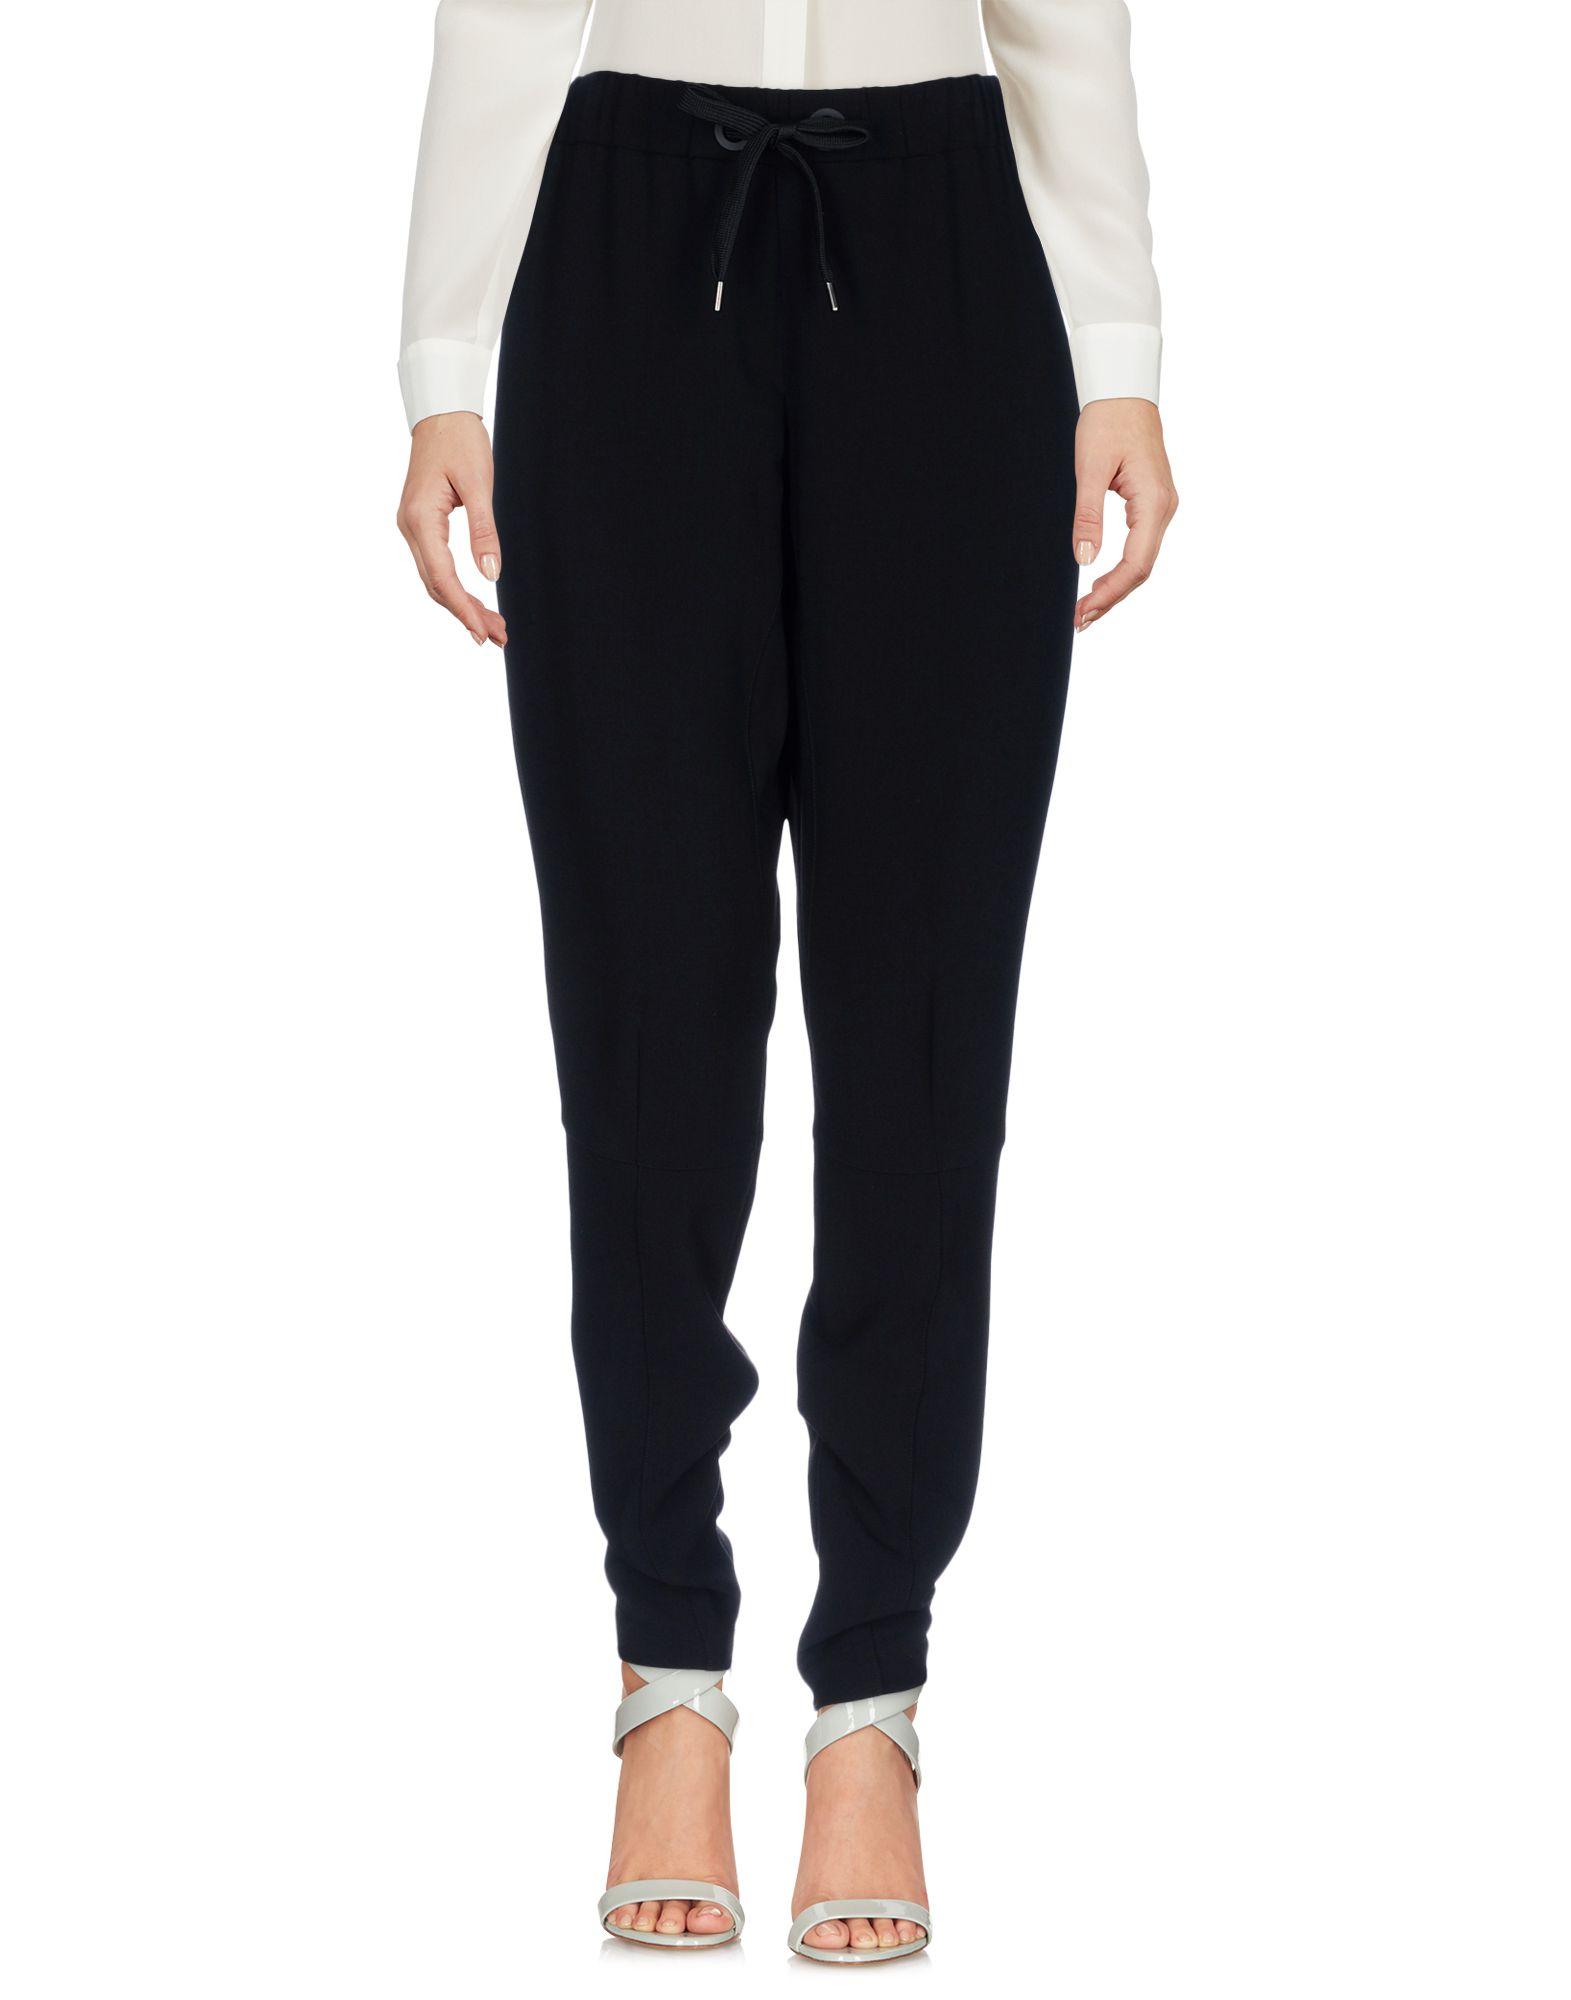 Pantalone Fendi Donna - Acquista online su nsEkMKGxmR